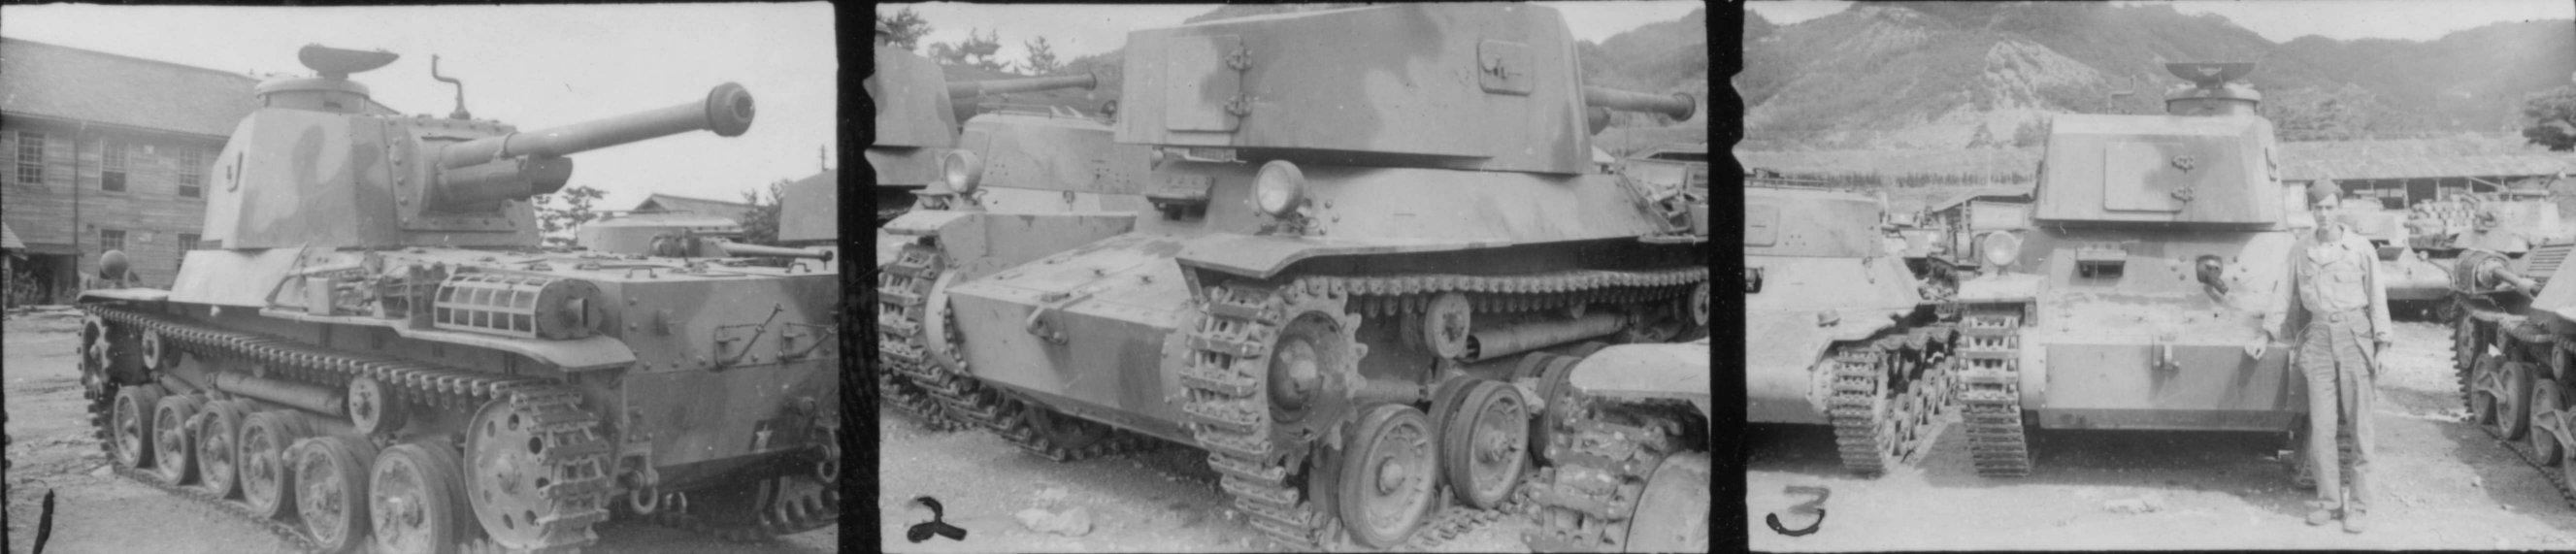 三式中戦車の画像 p1_27